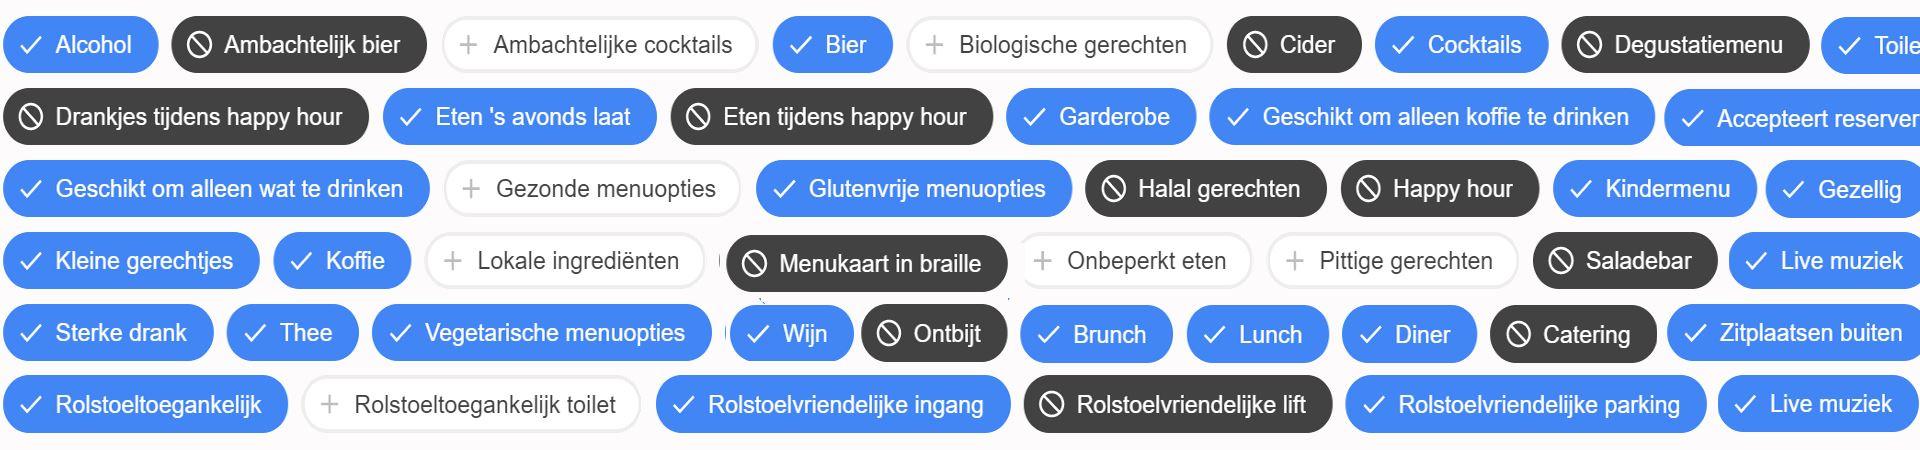 Google kenmerken die de vindbaarheid van jouw zaak verbeteren